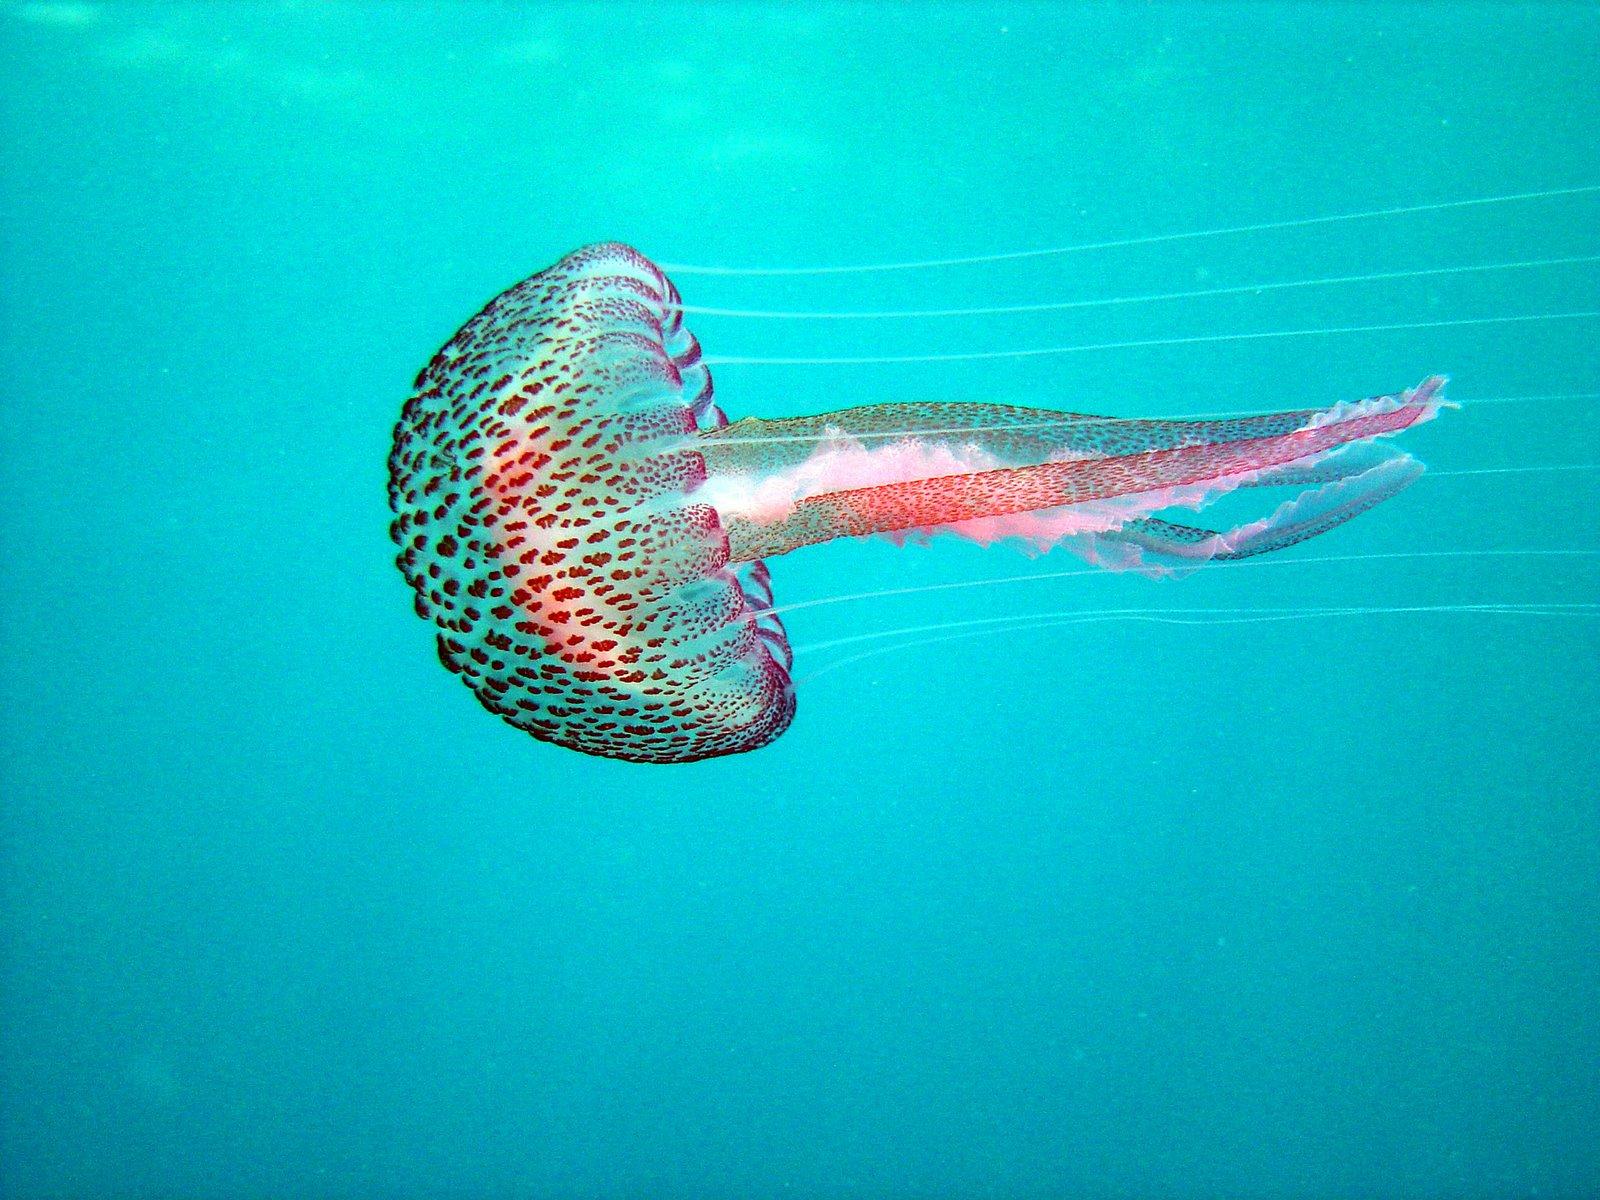 Medusas Del Mediterraneo Identifica Las Mas Venenosas likewise Blue Jellyfish 423992 as well Polipo  zoologia in addition White sea aliens 28 pics furthermore Linaspettata Efficienza Lo otoria. on celenterati